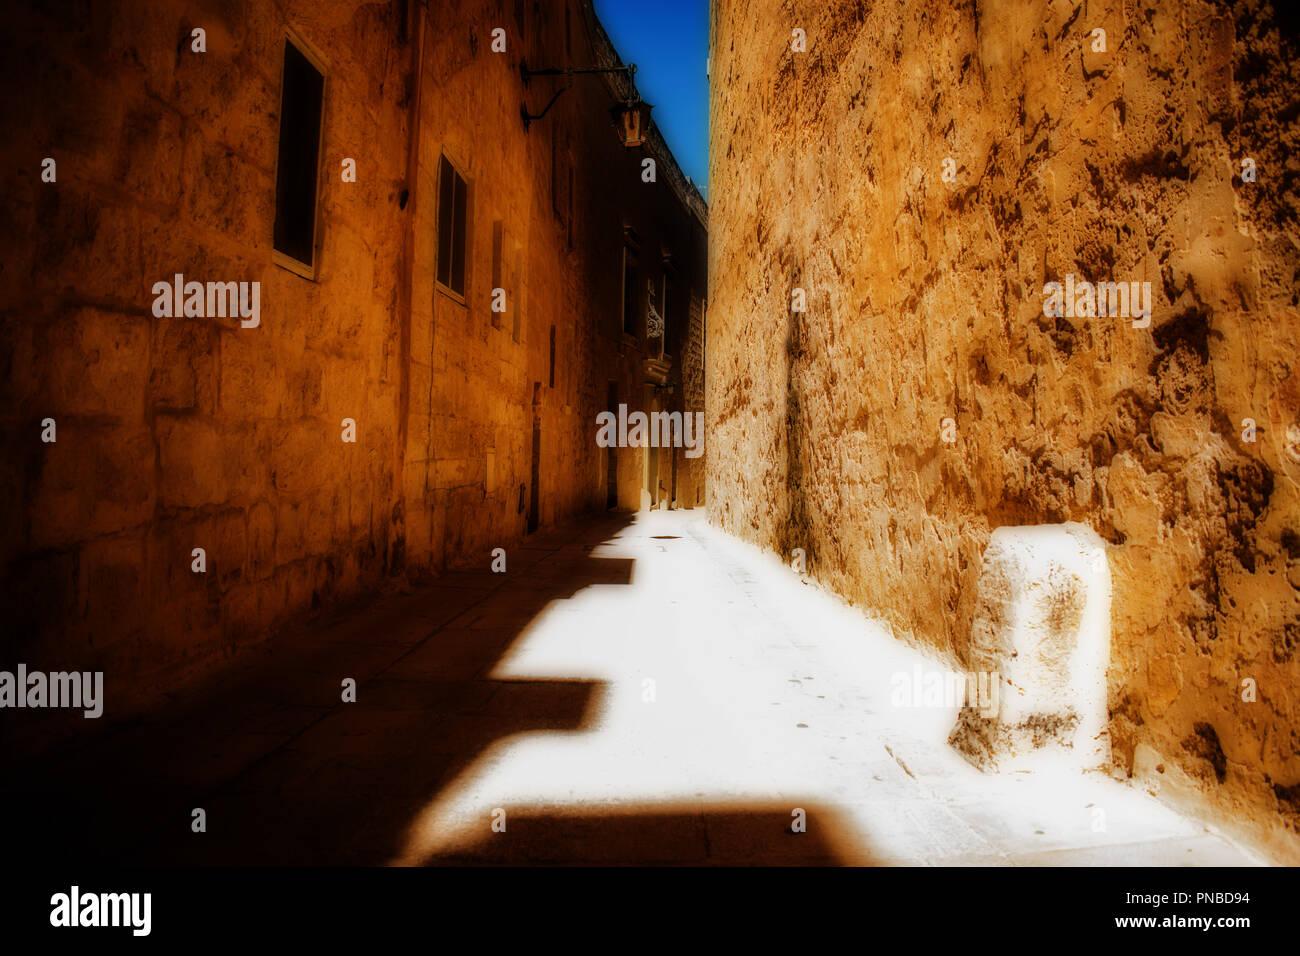 Un quartier historique et route étroite à Mdina, Malte sous un soleil ardent. Photo Stock